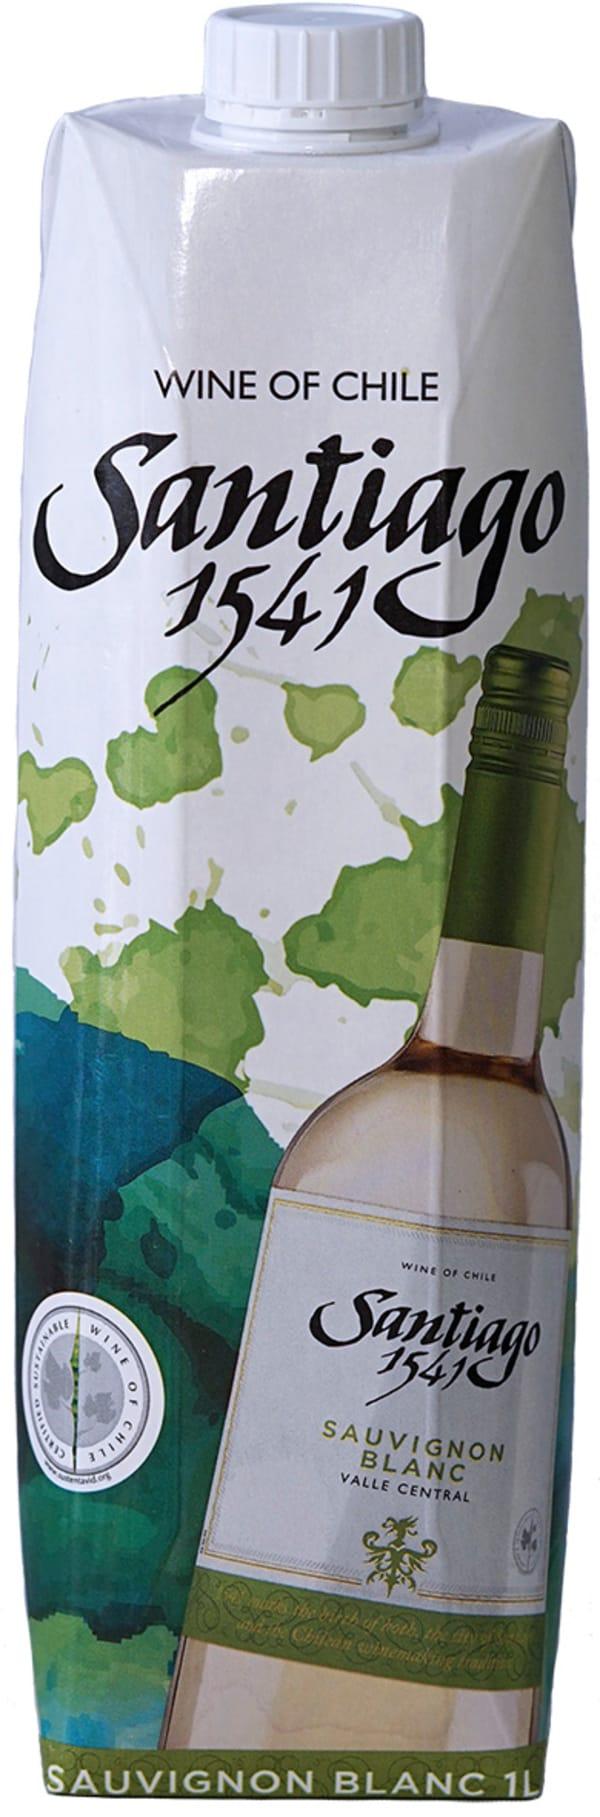 Santiago 1541 Sauvignon Blanc 2018 carton package